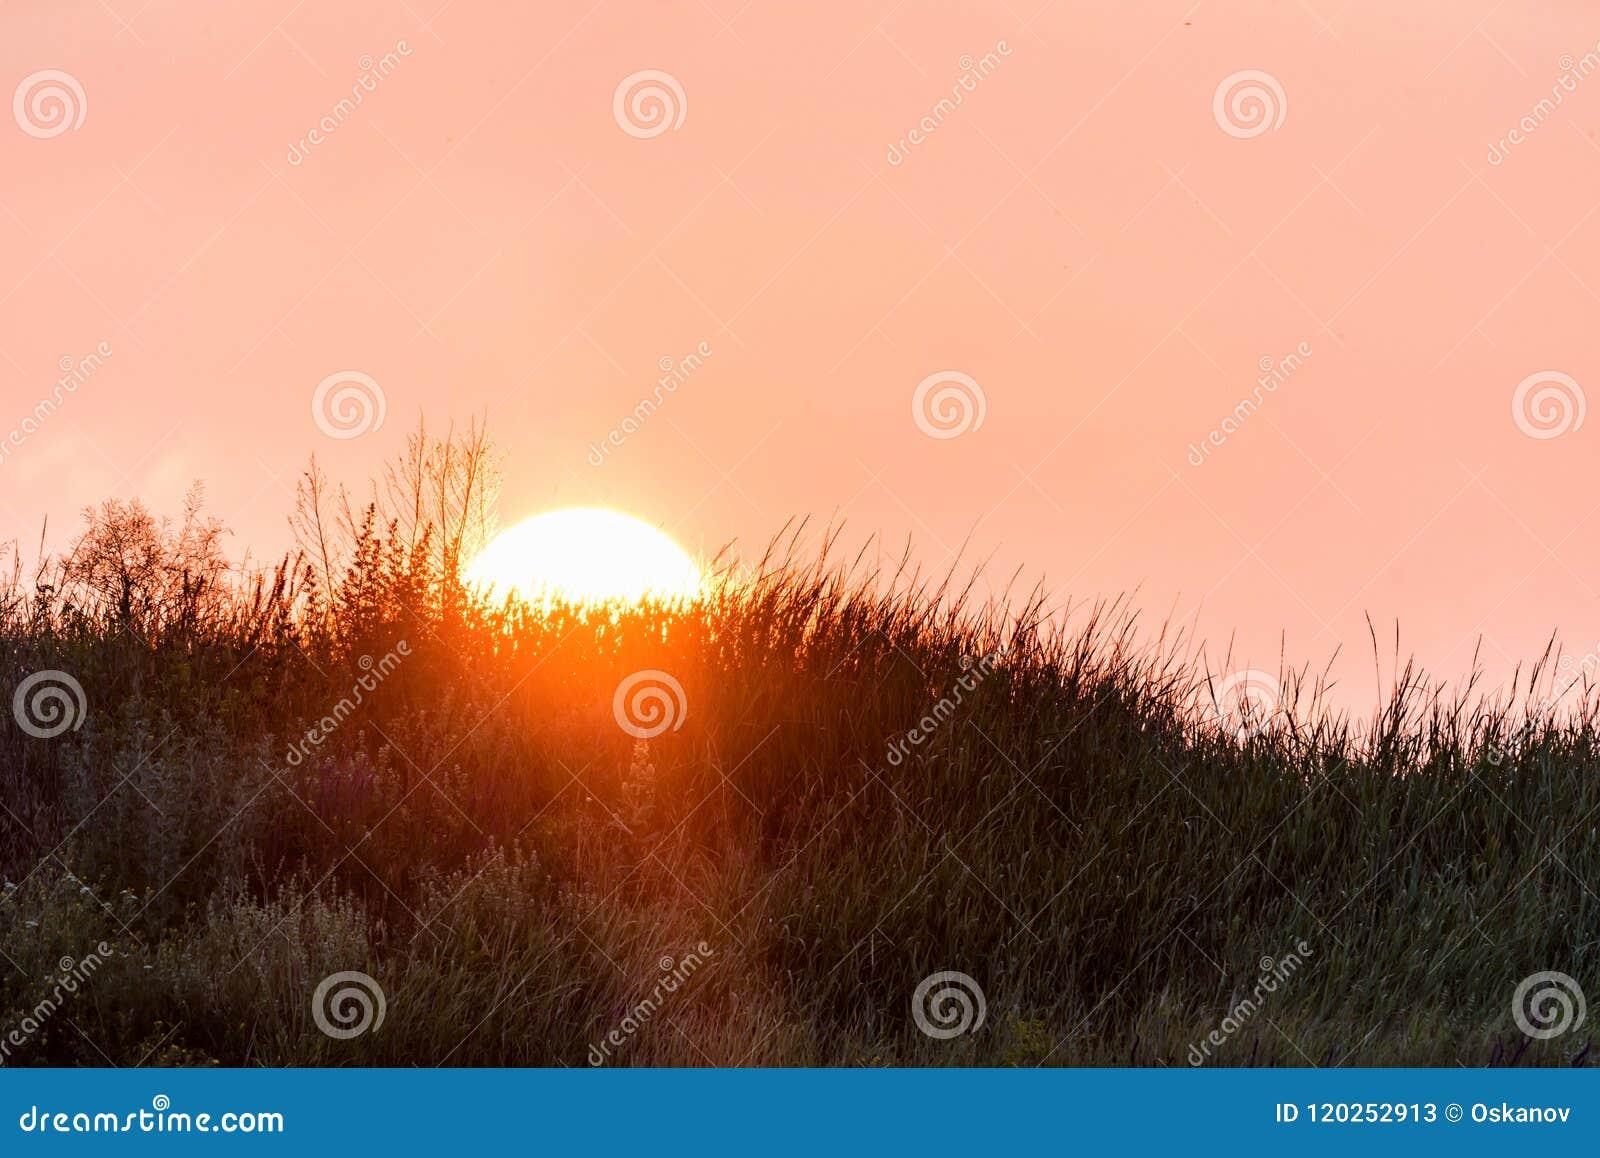 Horizonlijn van platteland met zon het plaatsen